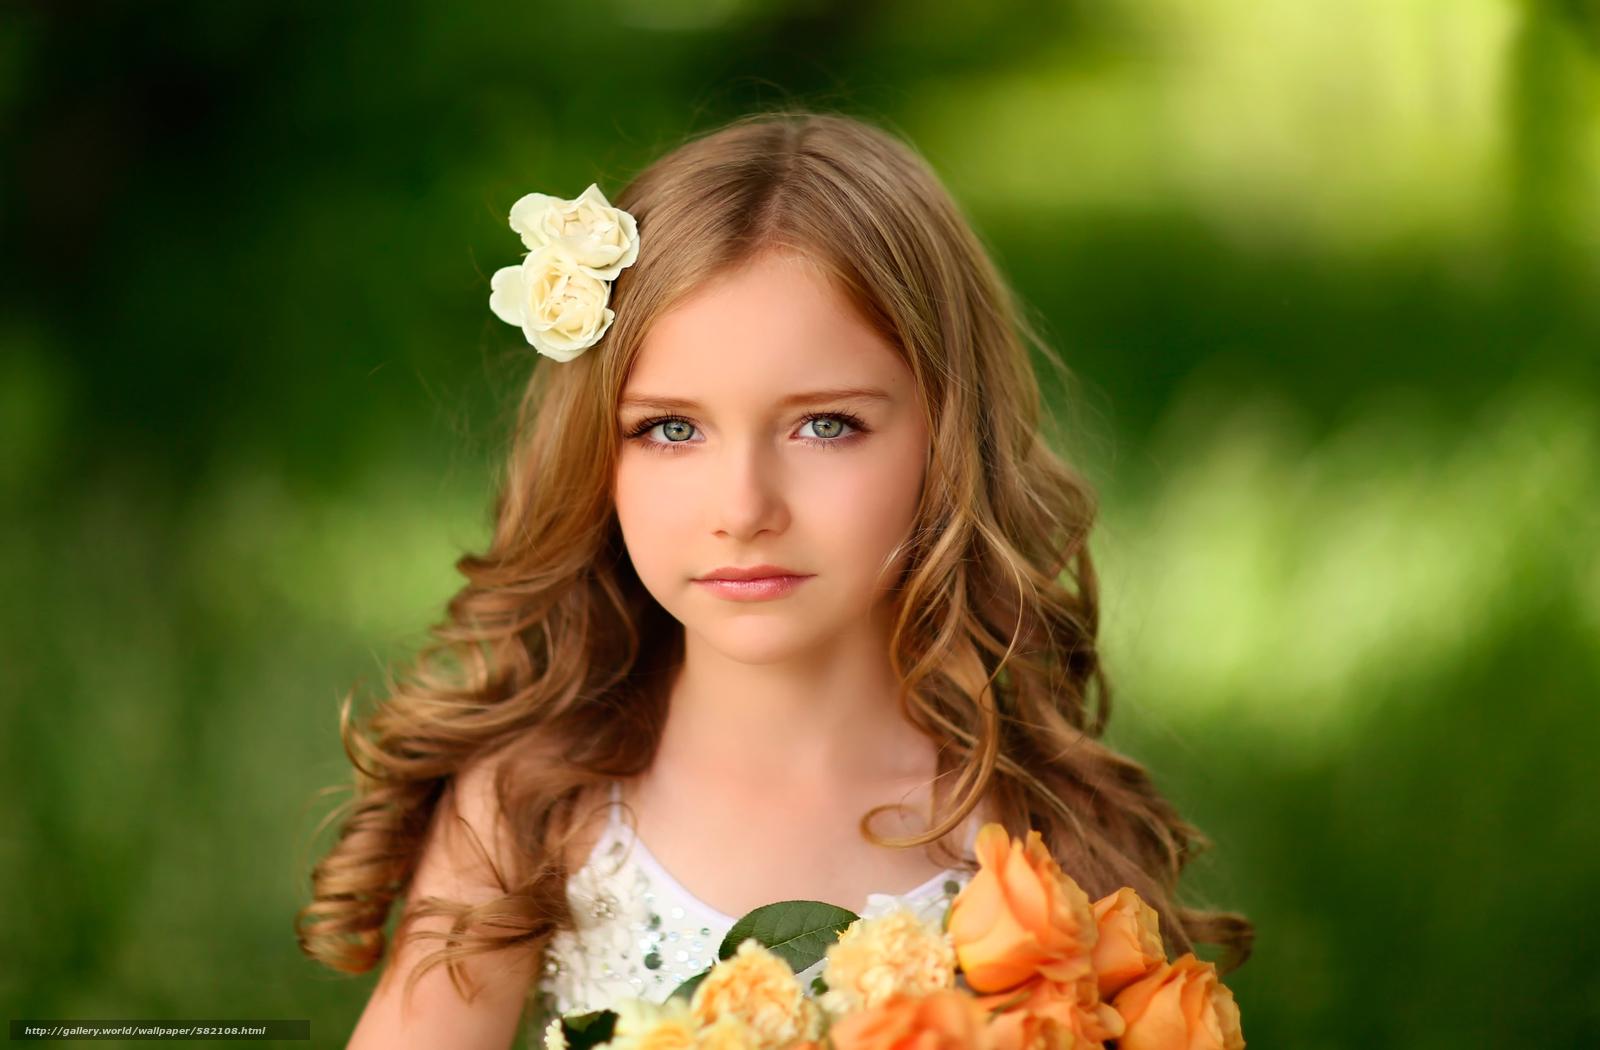 Скачать обои девочка,  портрет,  цветы бесплатно для рабочего стола в разрешении 2500x1640 — картинка №582108